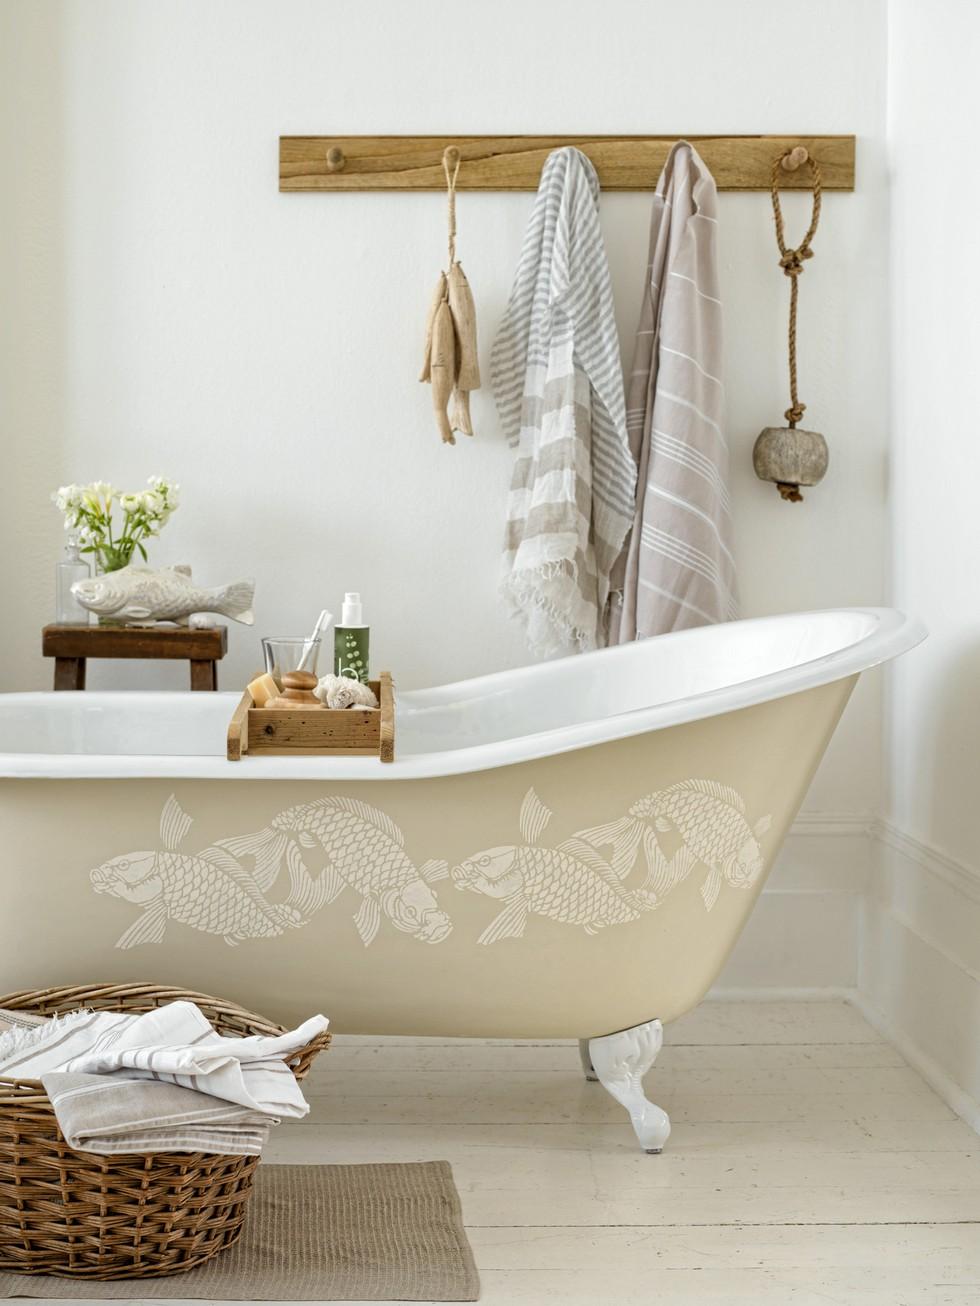 Claw Foot Tub DIY Design Ideas